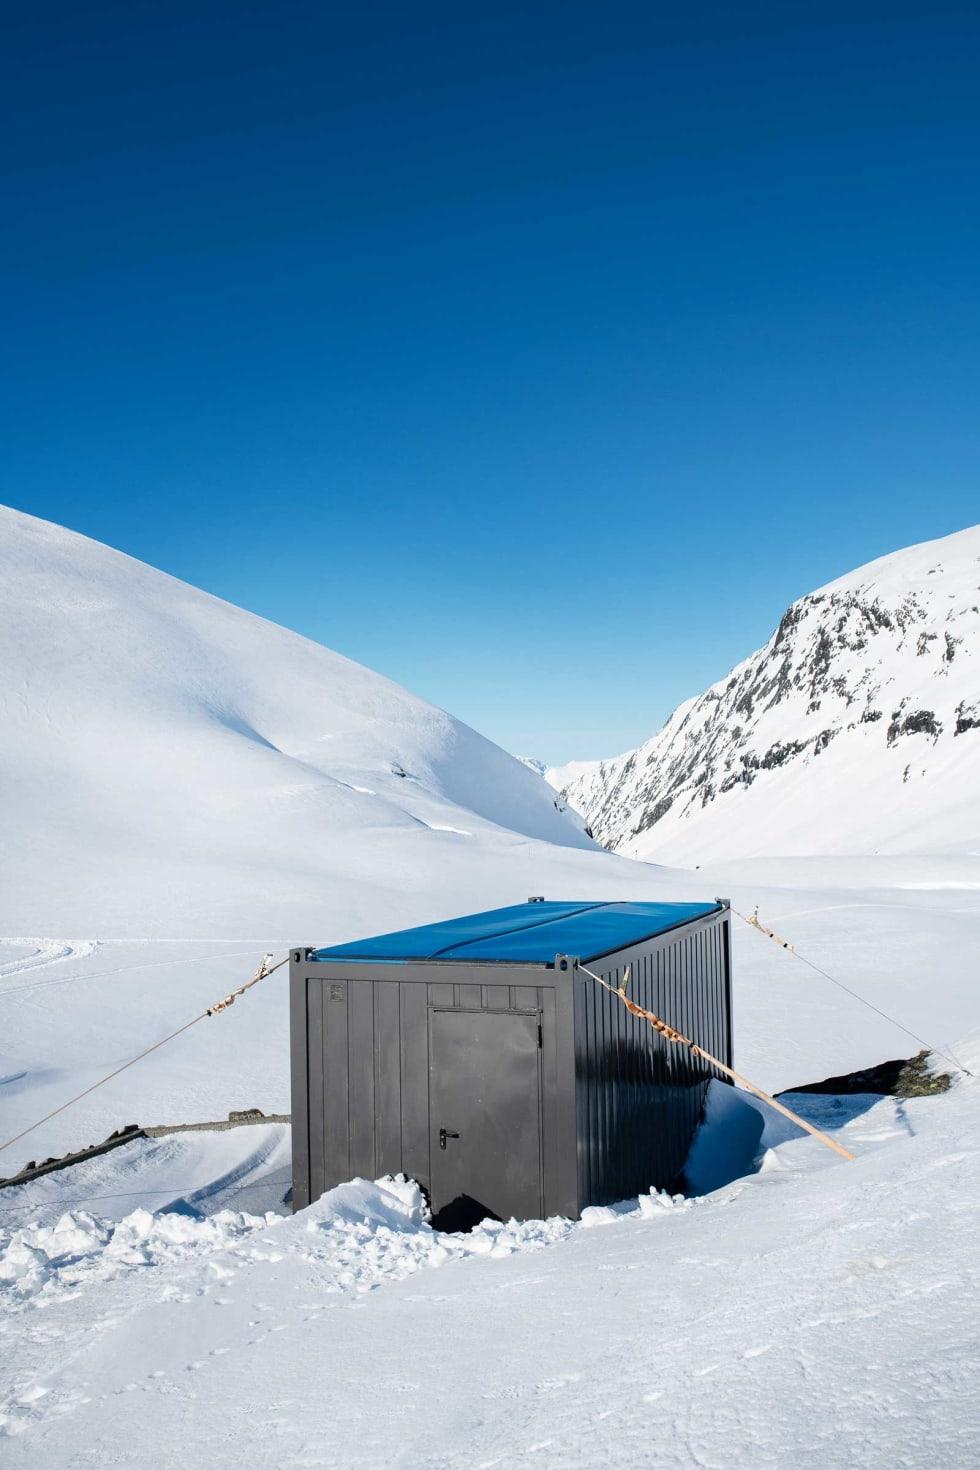 Har du tatt en cola på uteserveringa på Strynefjellet og Lurt på hva denne containeren er til? Nå får du svaret.